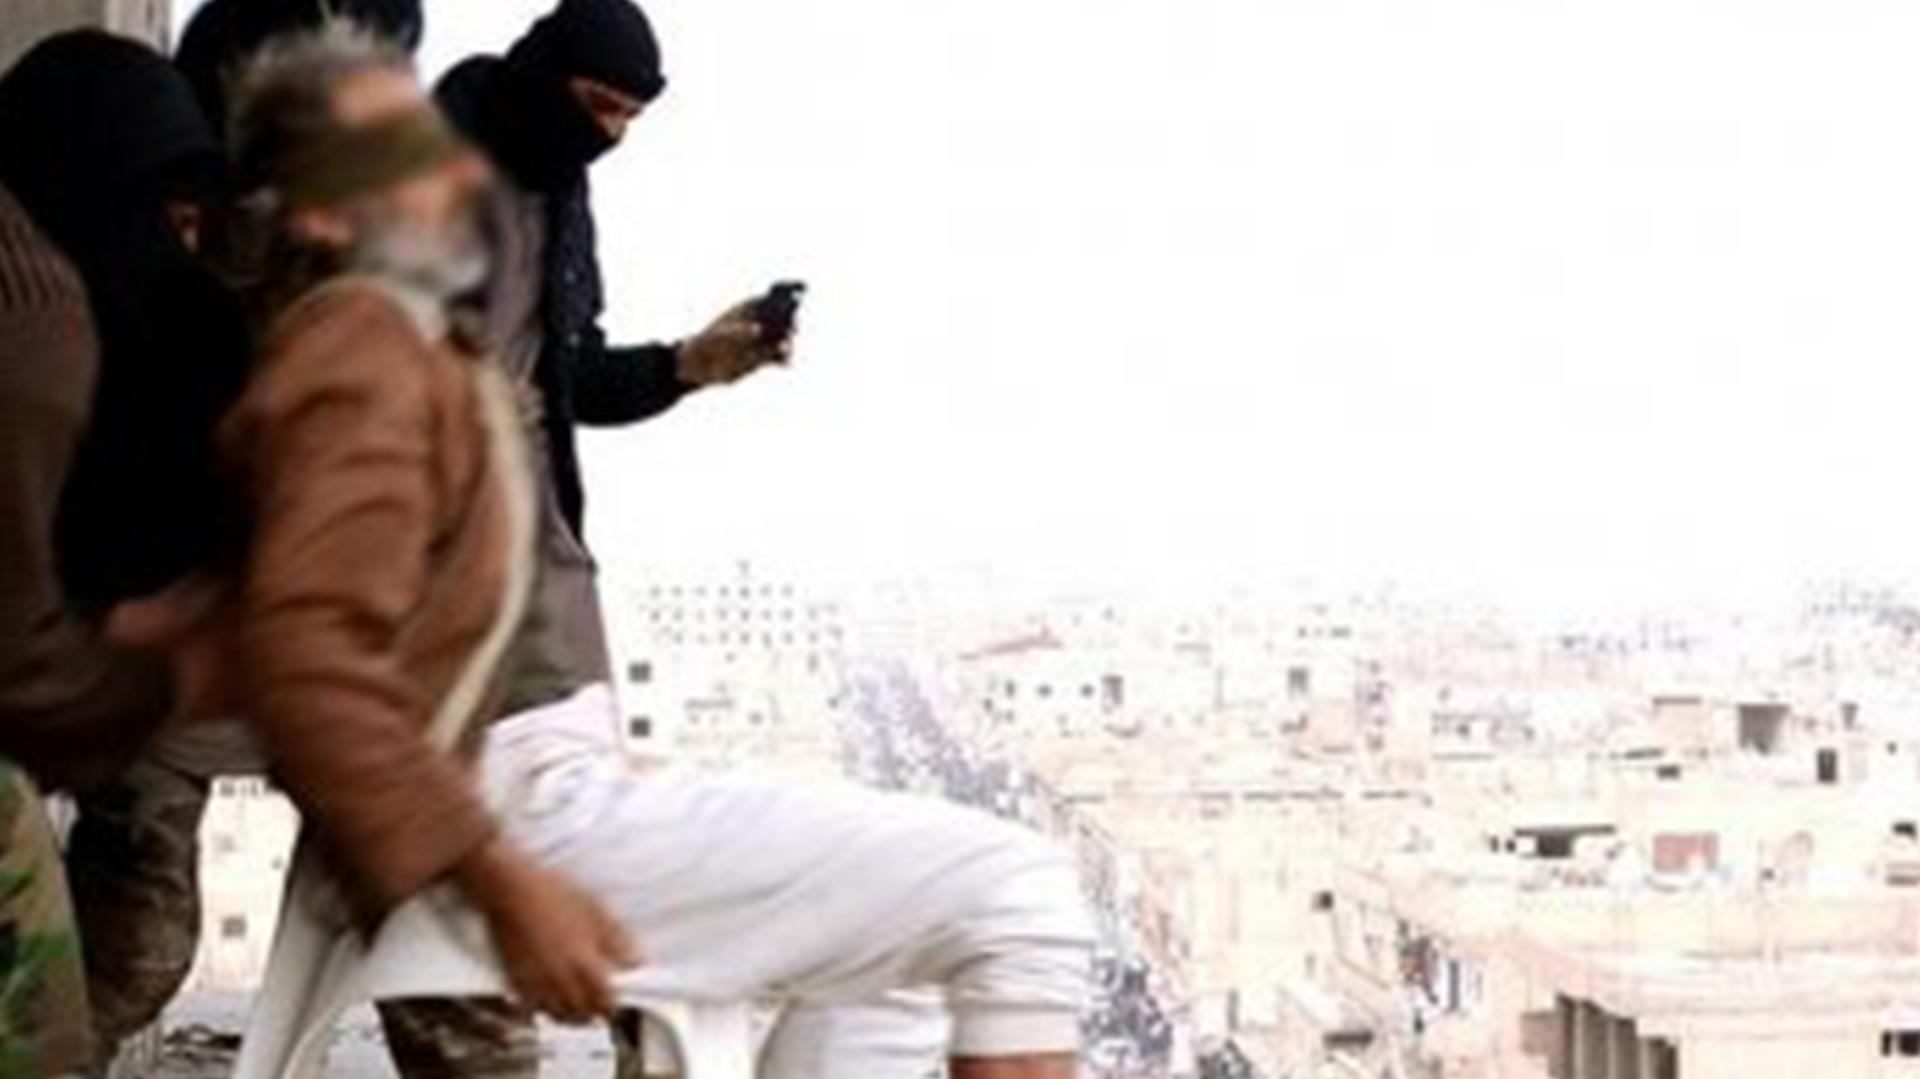 Febrero de 2015. En Raqqa, Siria, ISIS lanza nuevamente desde un edificio a otra persona por ser gay. La modalidad comenzaba a extenderse por todas las ciudades donde se aplicaba la sharia